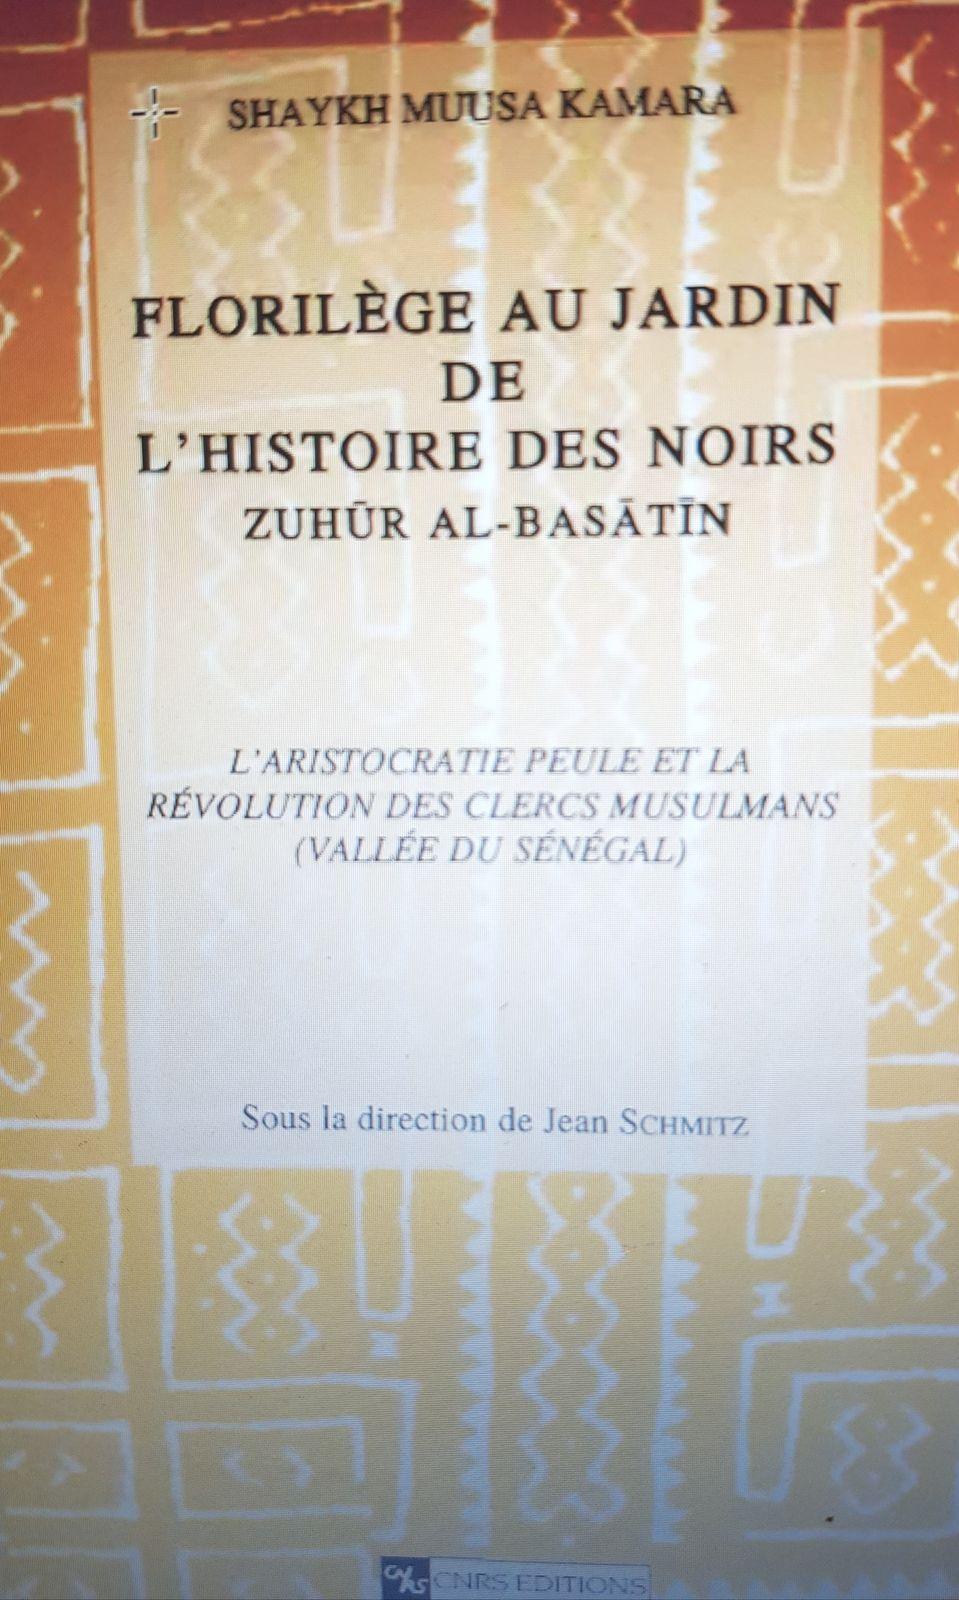 «Thierno Sileymane BAL (1720-1776) et sa Révolution des Torodos, fondée sur la bonne gouvernance, la justice, l'égalité, l'équité et la compassion» par Amadou Bal BA - http://baamadou.over-blog.fr/